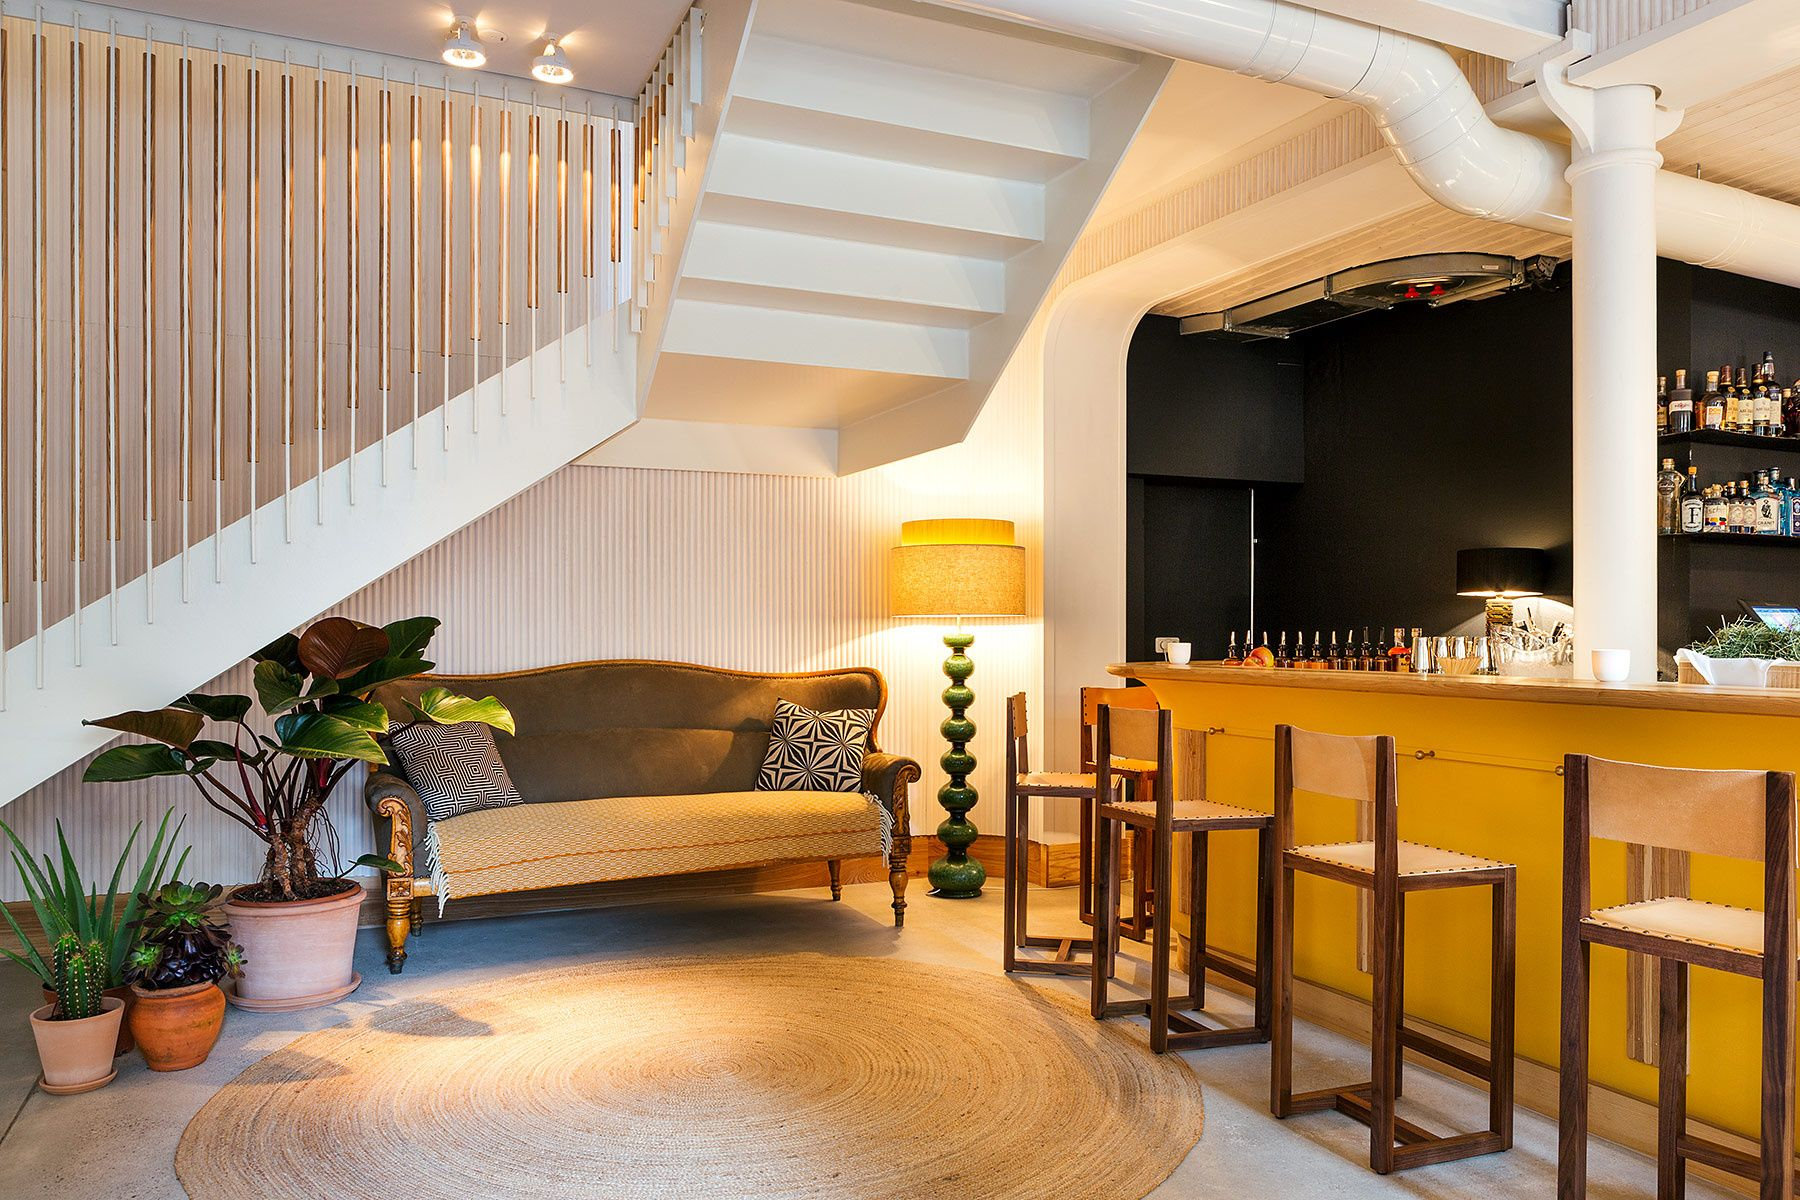 Panama Restaurant En Berlin Restaurante Bar Interiores Disenos De Unas